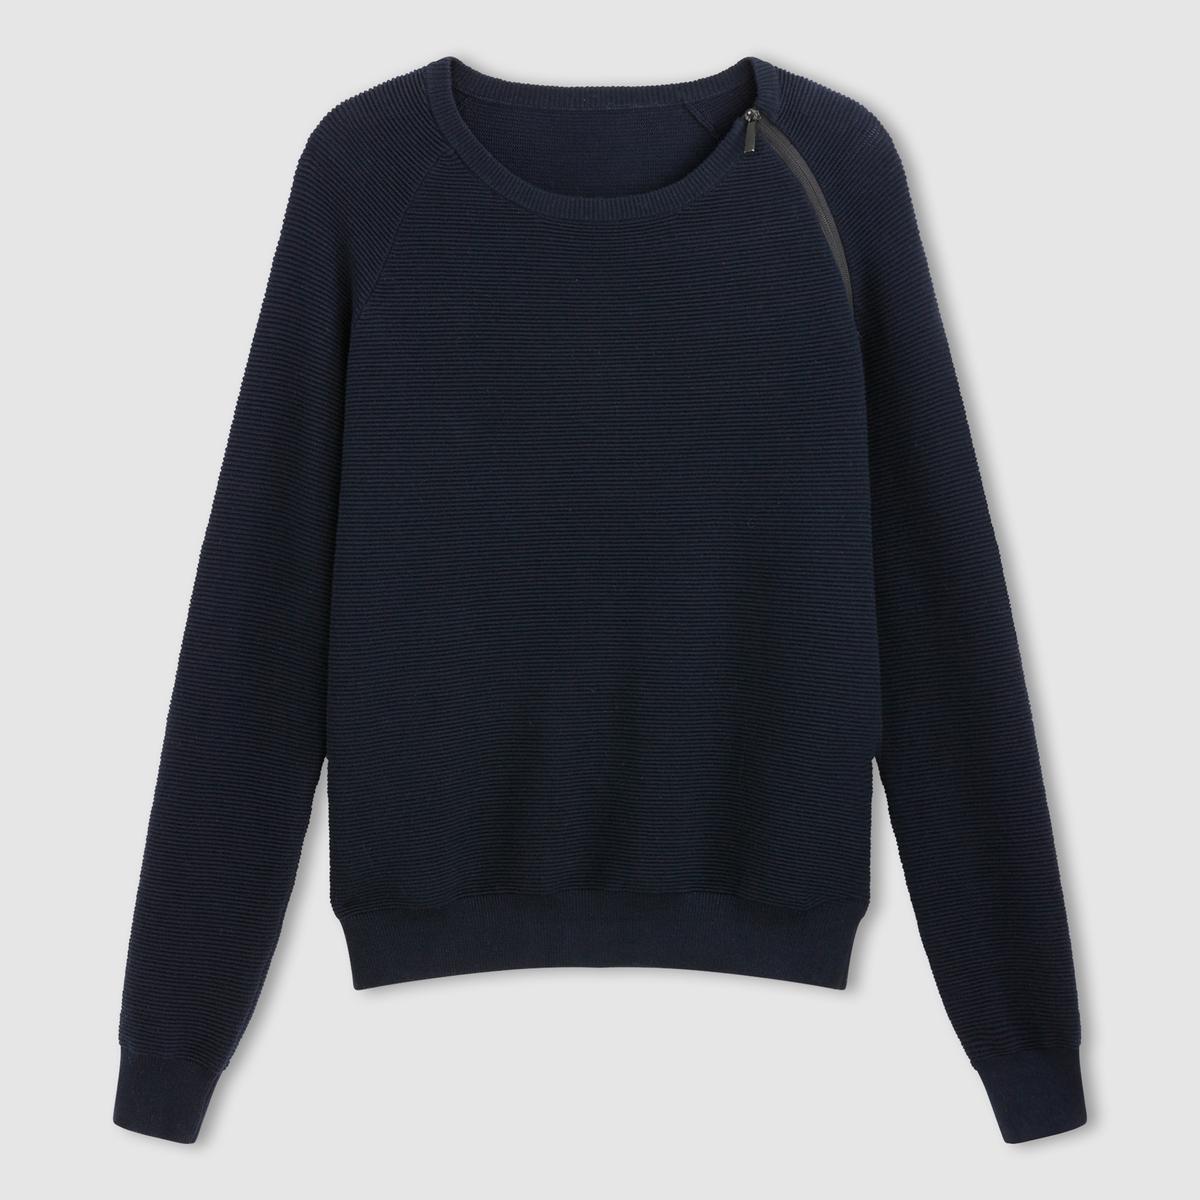 Пуловер с круглым вырезом и длинными рукавамиПуловер из трикотажа 75% хлопка, 25% полиамида. Длинные рукава . Круглый вырез . Застежка на молнию на плече . Края низа и манжет связаны в рубчик . Длина 69 см.<br><br>Цвет: серый меланж,темно-синий<br>Размер: XXL.M.XL.S